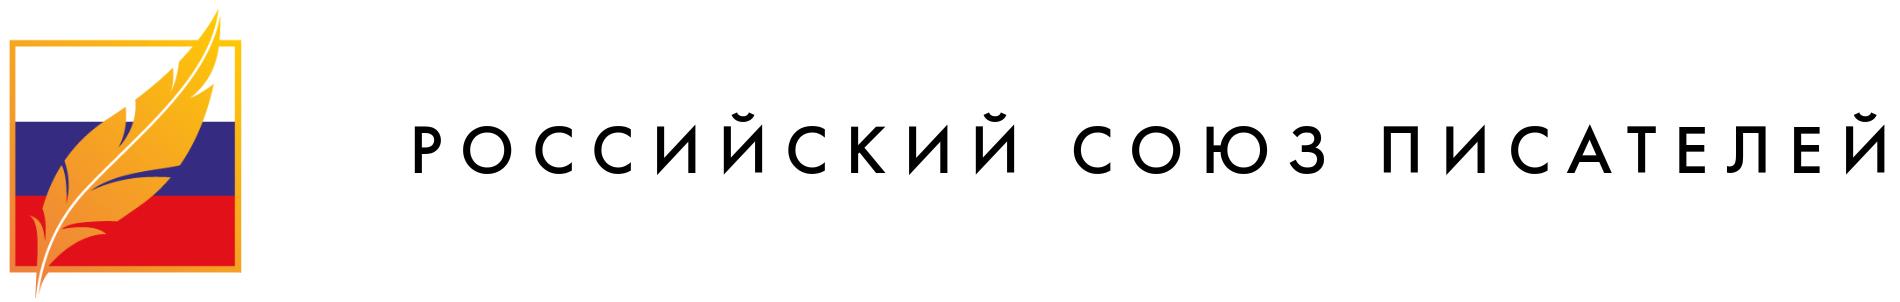 Российский союз писателей